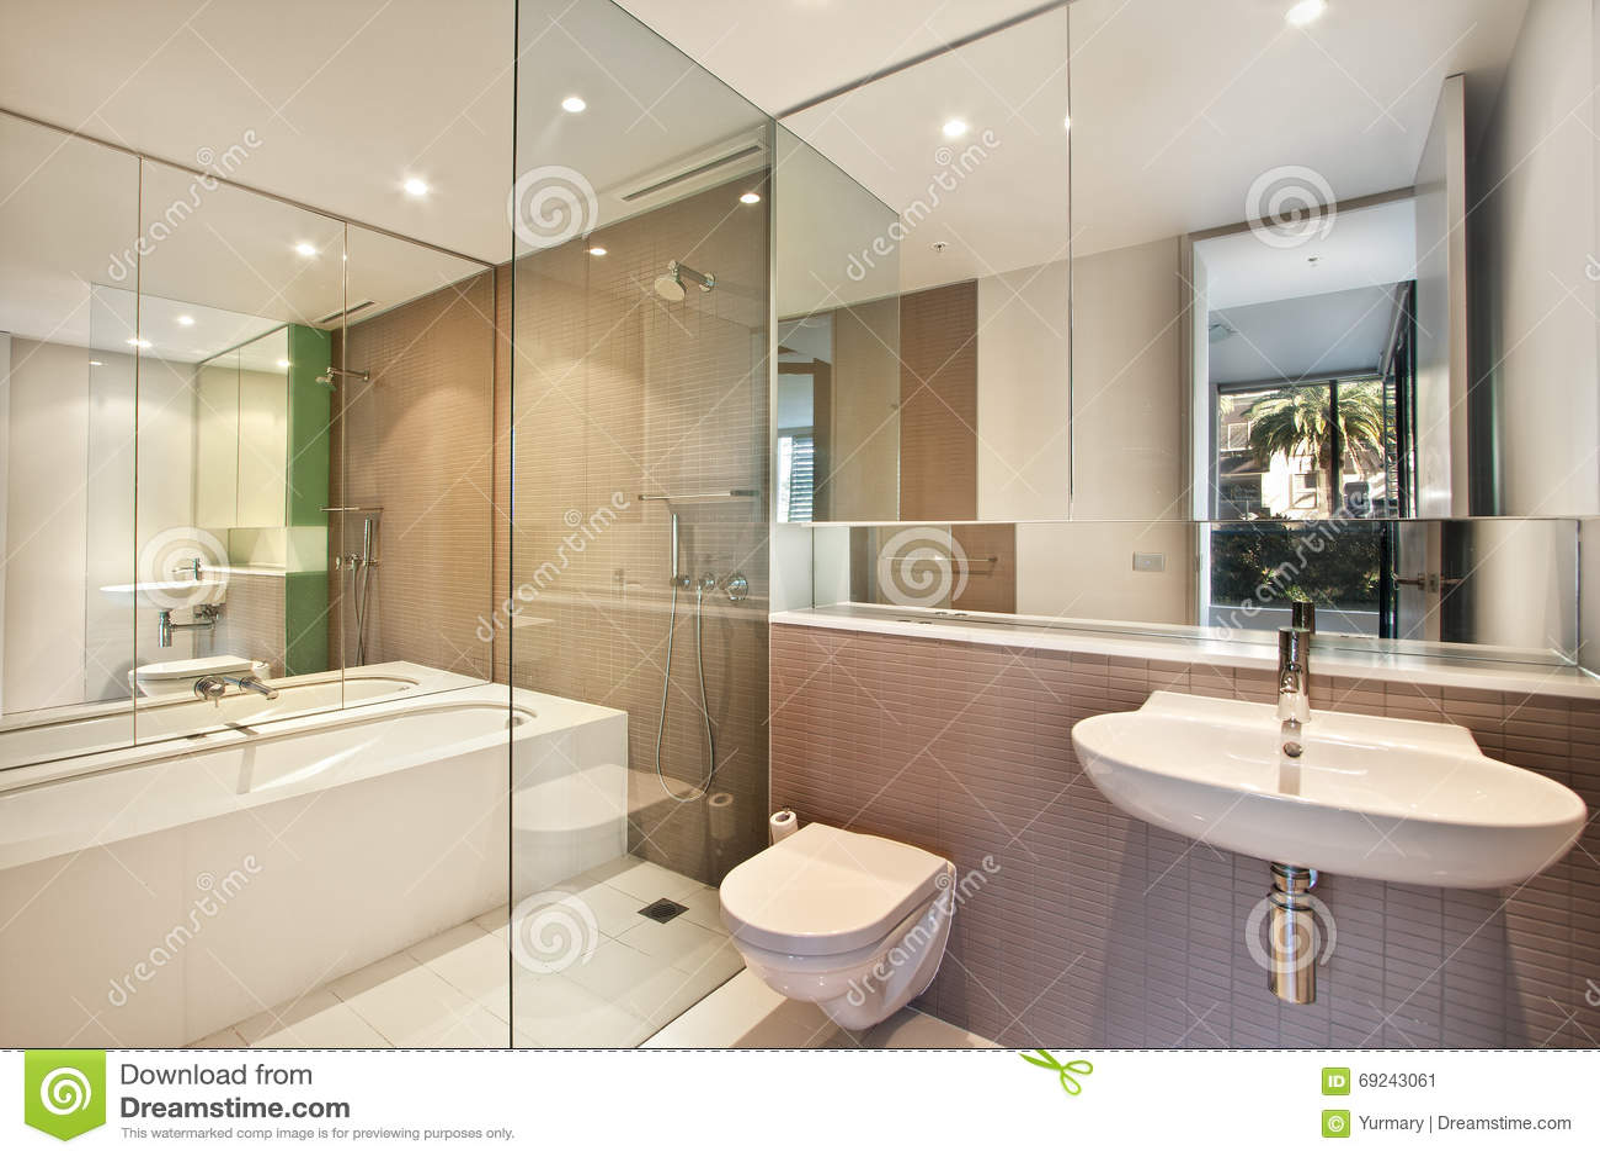 Salle De Bains Moderne En Appartement De Luxe Image stock - Image du ...